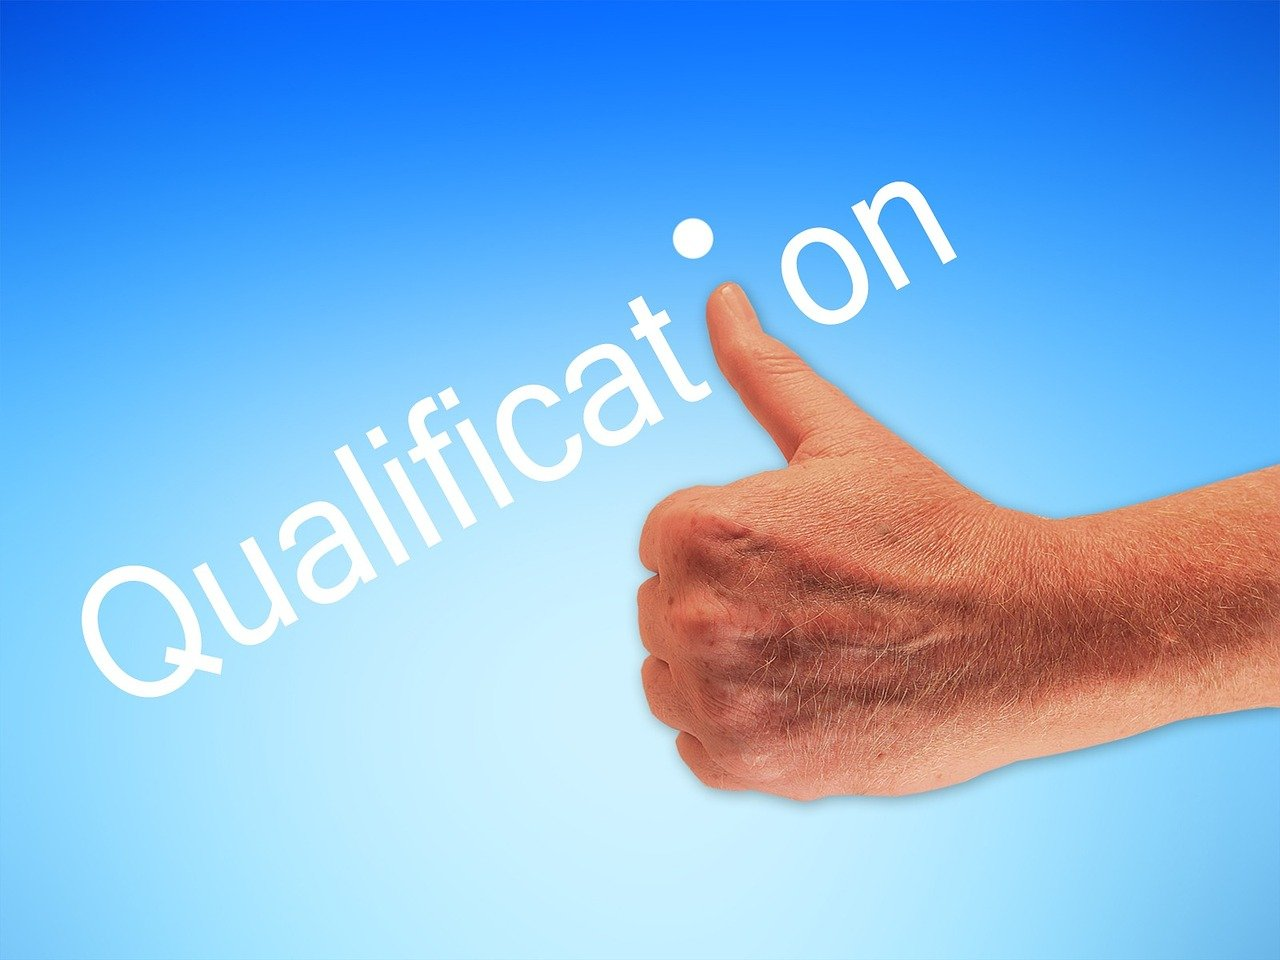 転職に資格は必要?業界別の『必須資格』を12種類紹介!